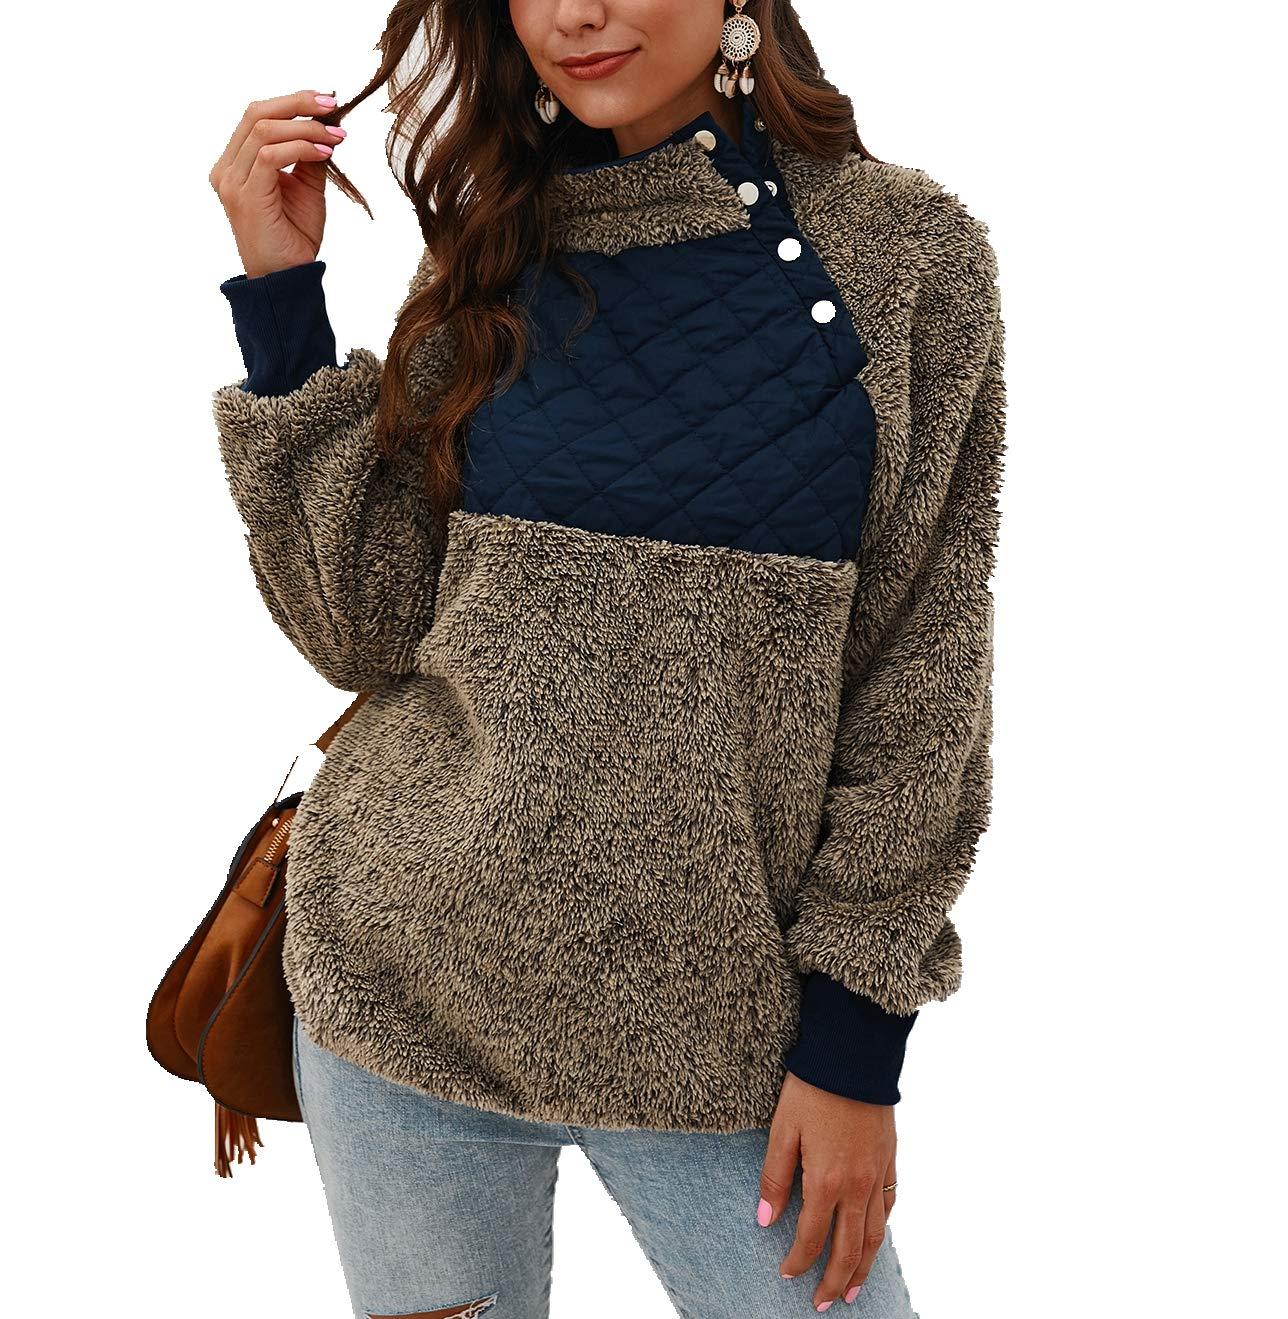 Women's Warm Sherpa Pullover Sweatshirt,Long Sleeve Oblique Button Neck Fleece Casual Geometric Pattern Patchwork Outwear Green by KINGLEN Womens Sweatshirt